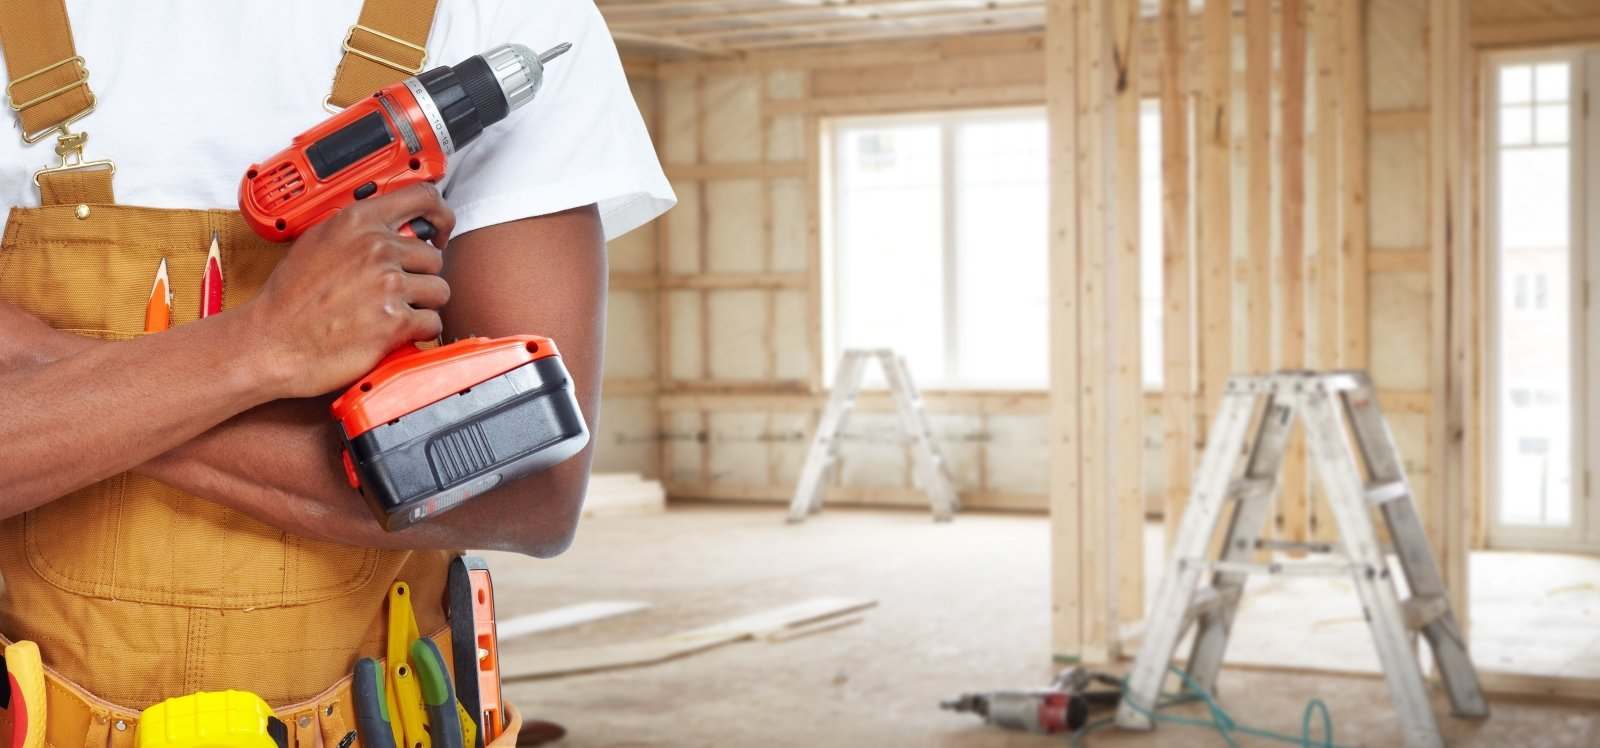 Operaio all'interno di una casa in costruzione sostenendo un cacciavite elettrico